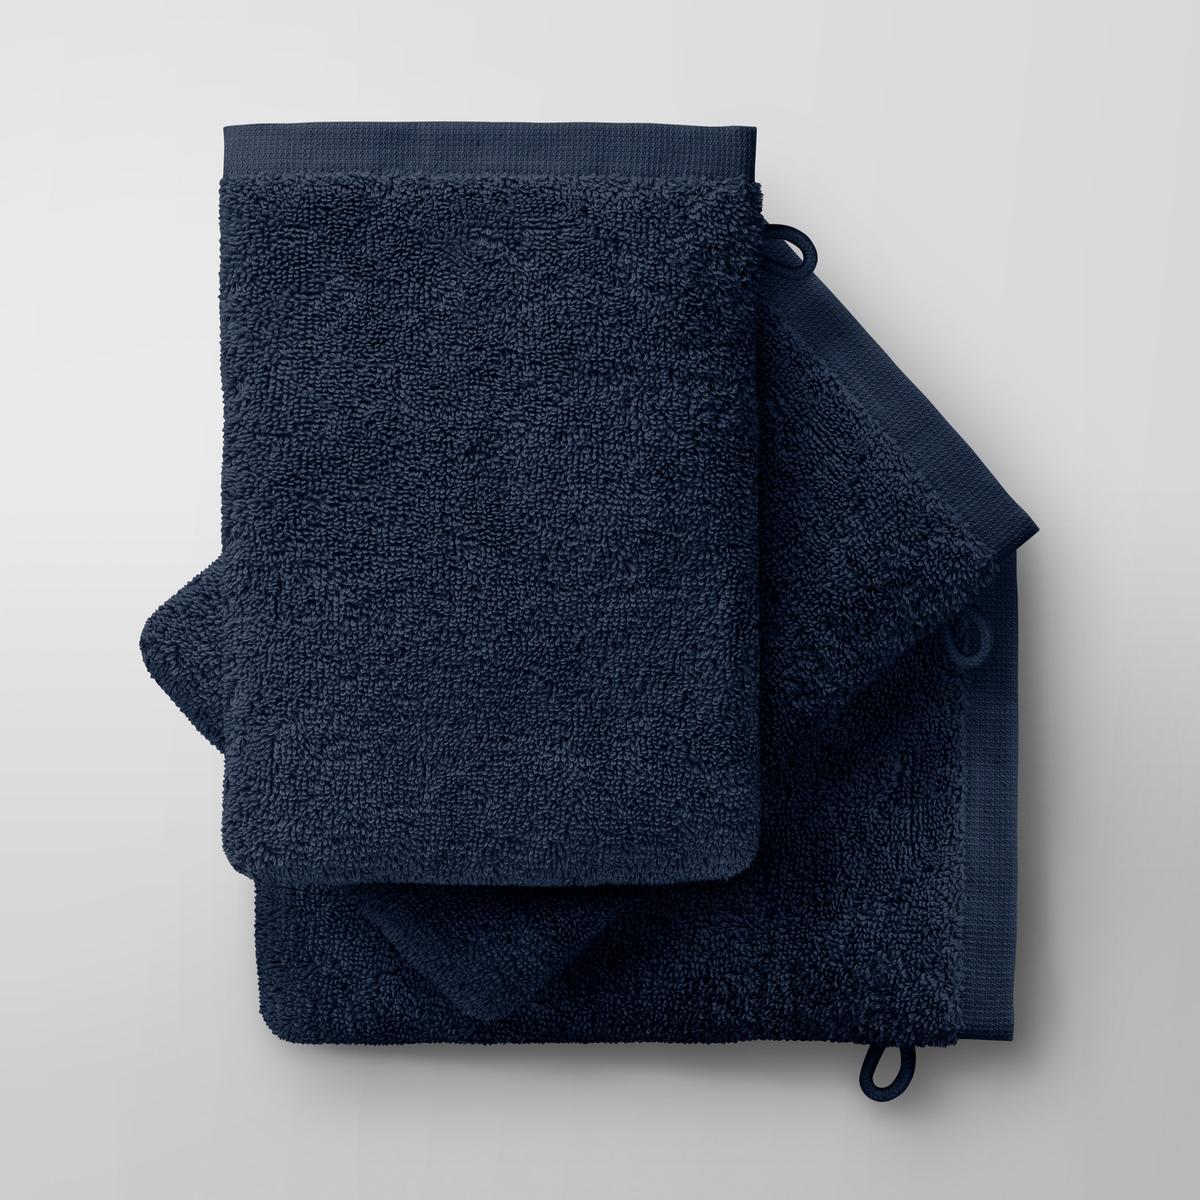 3 рукавицы банные Gilbear из 100% хлопка<br><br>Цвет: светло-серый,серо-коричневый,серо-розовый,сине-зеленый,синий морской,темно-серый,черный